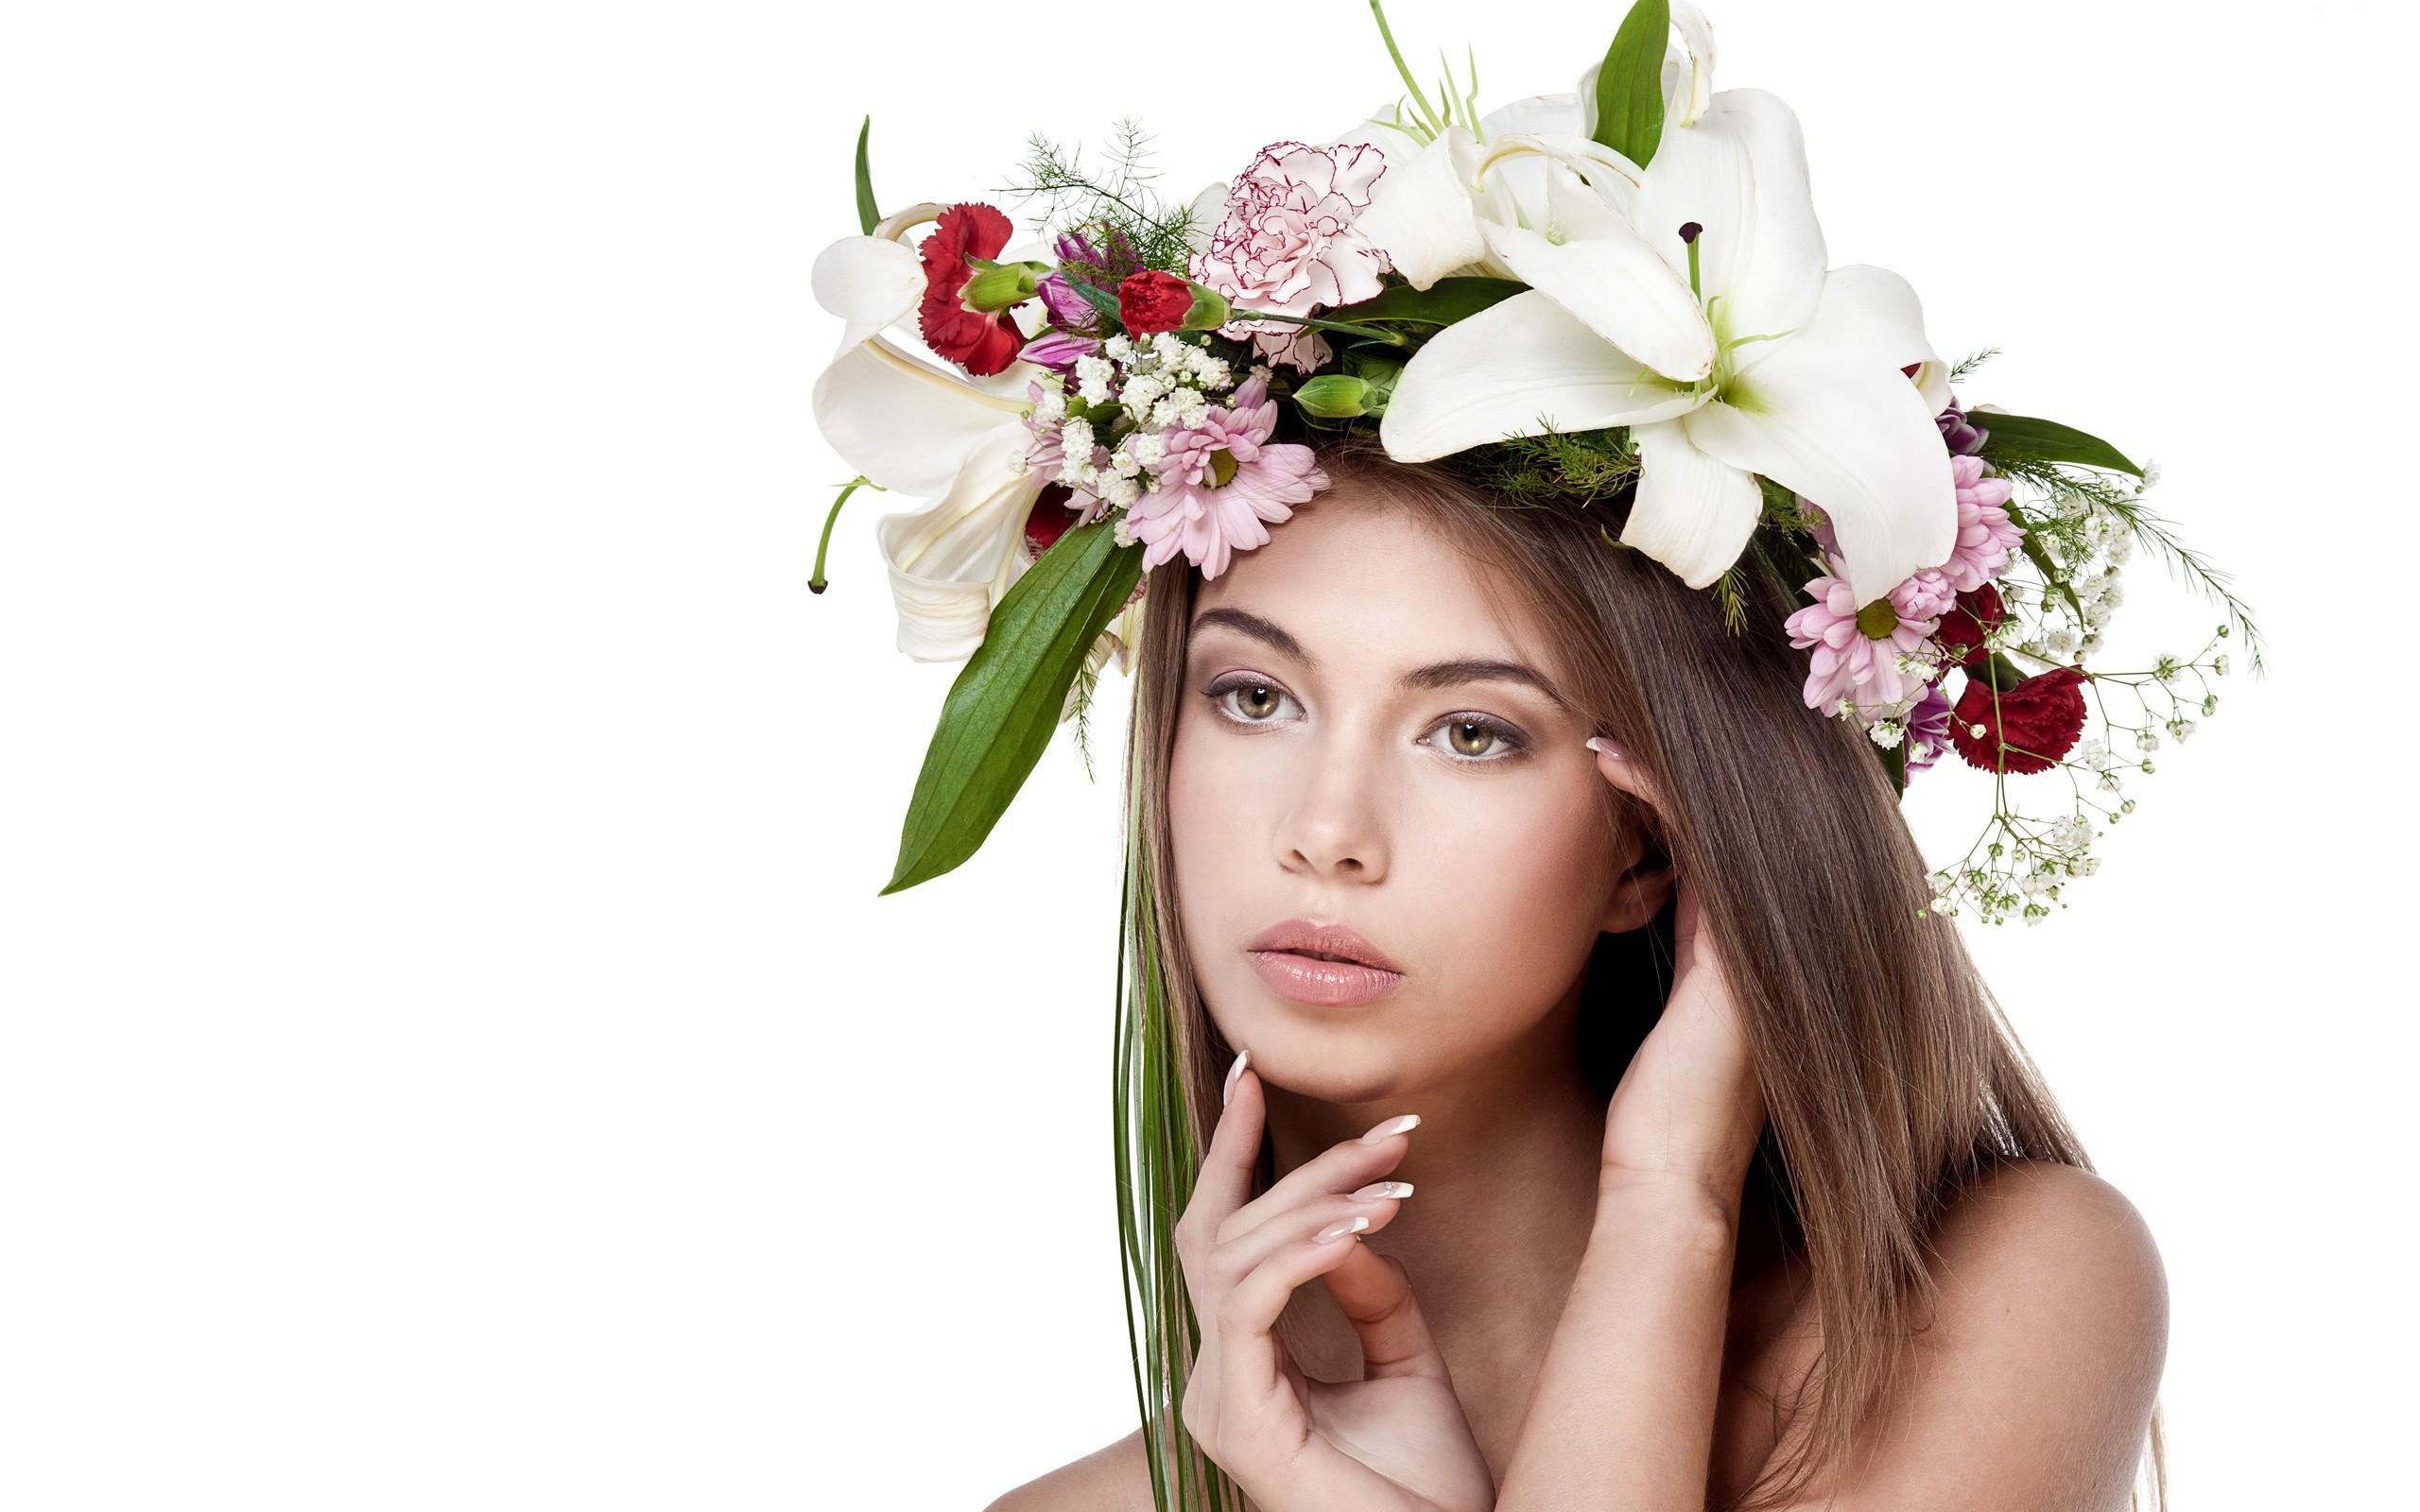 Доставка цветов в виннице украина #15